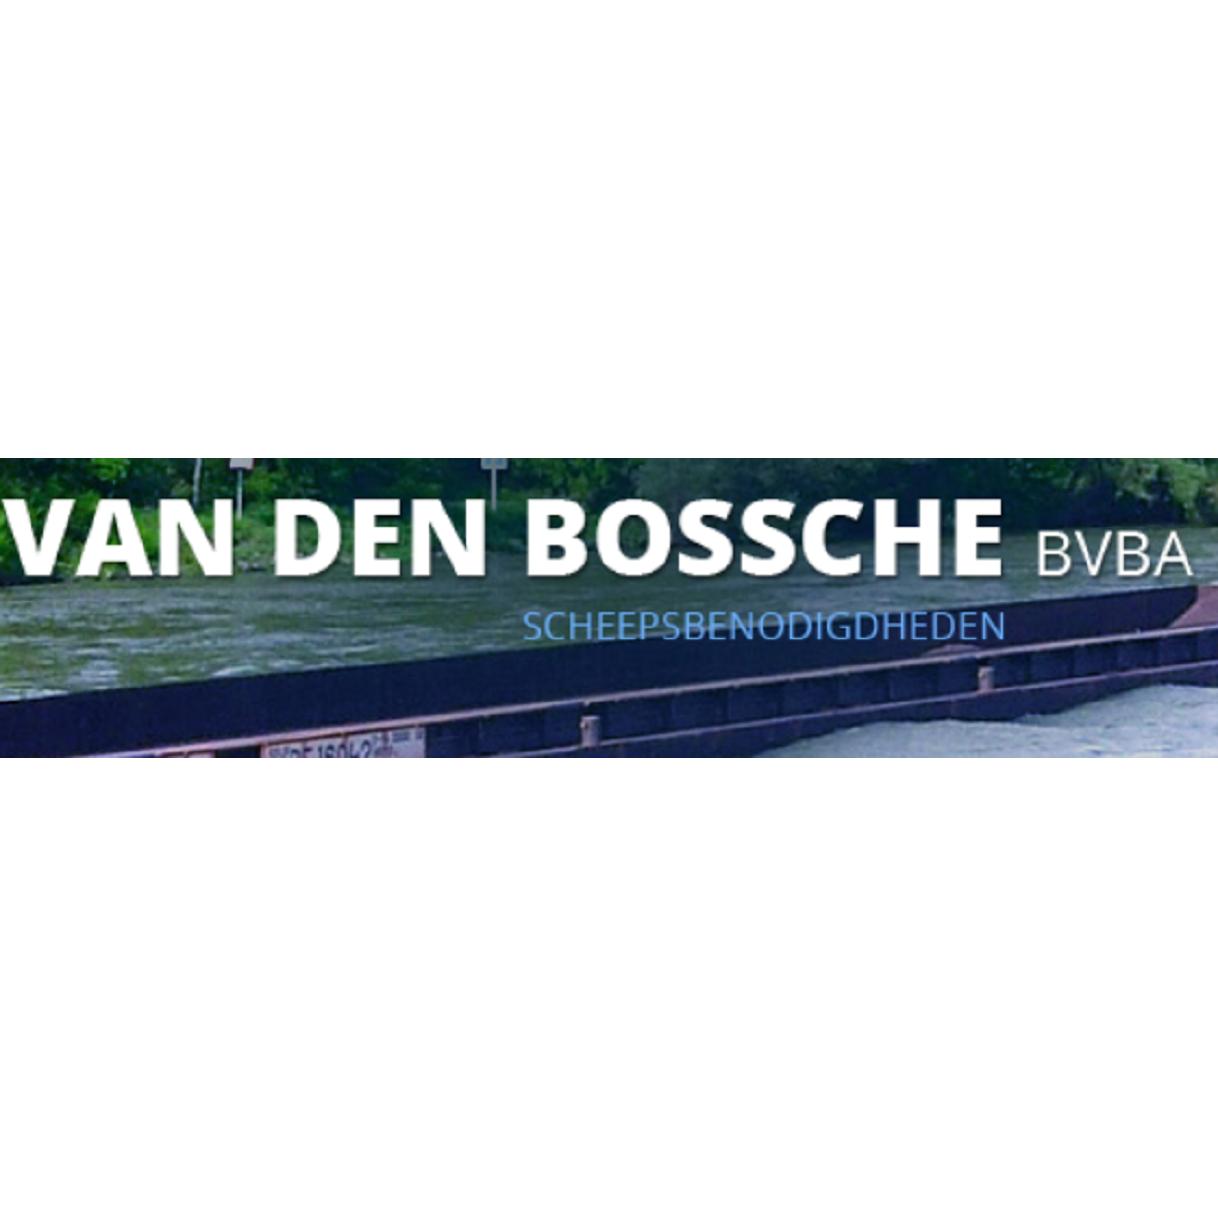 Van Den Bossche bvba